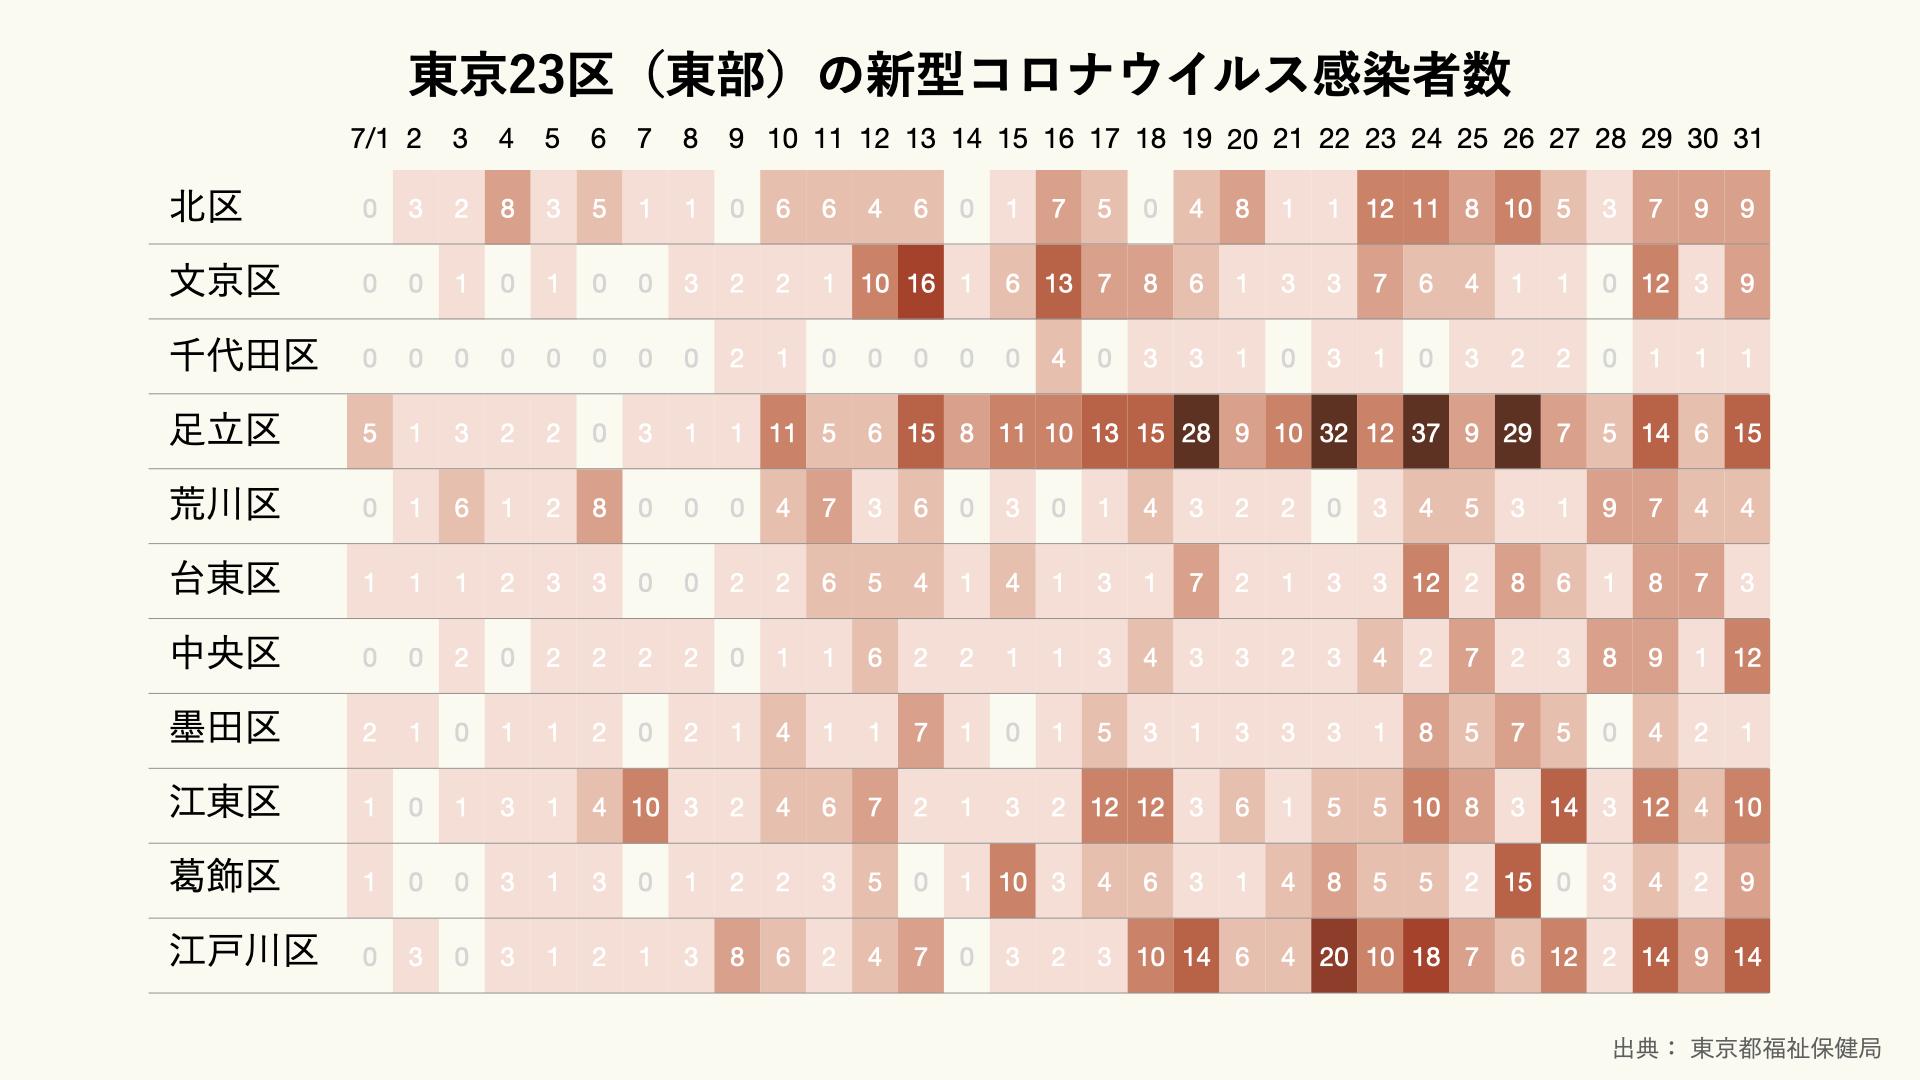 東京23区(東部)の新型コロナウイルス感染者数(日別)